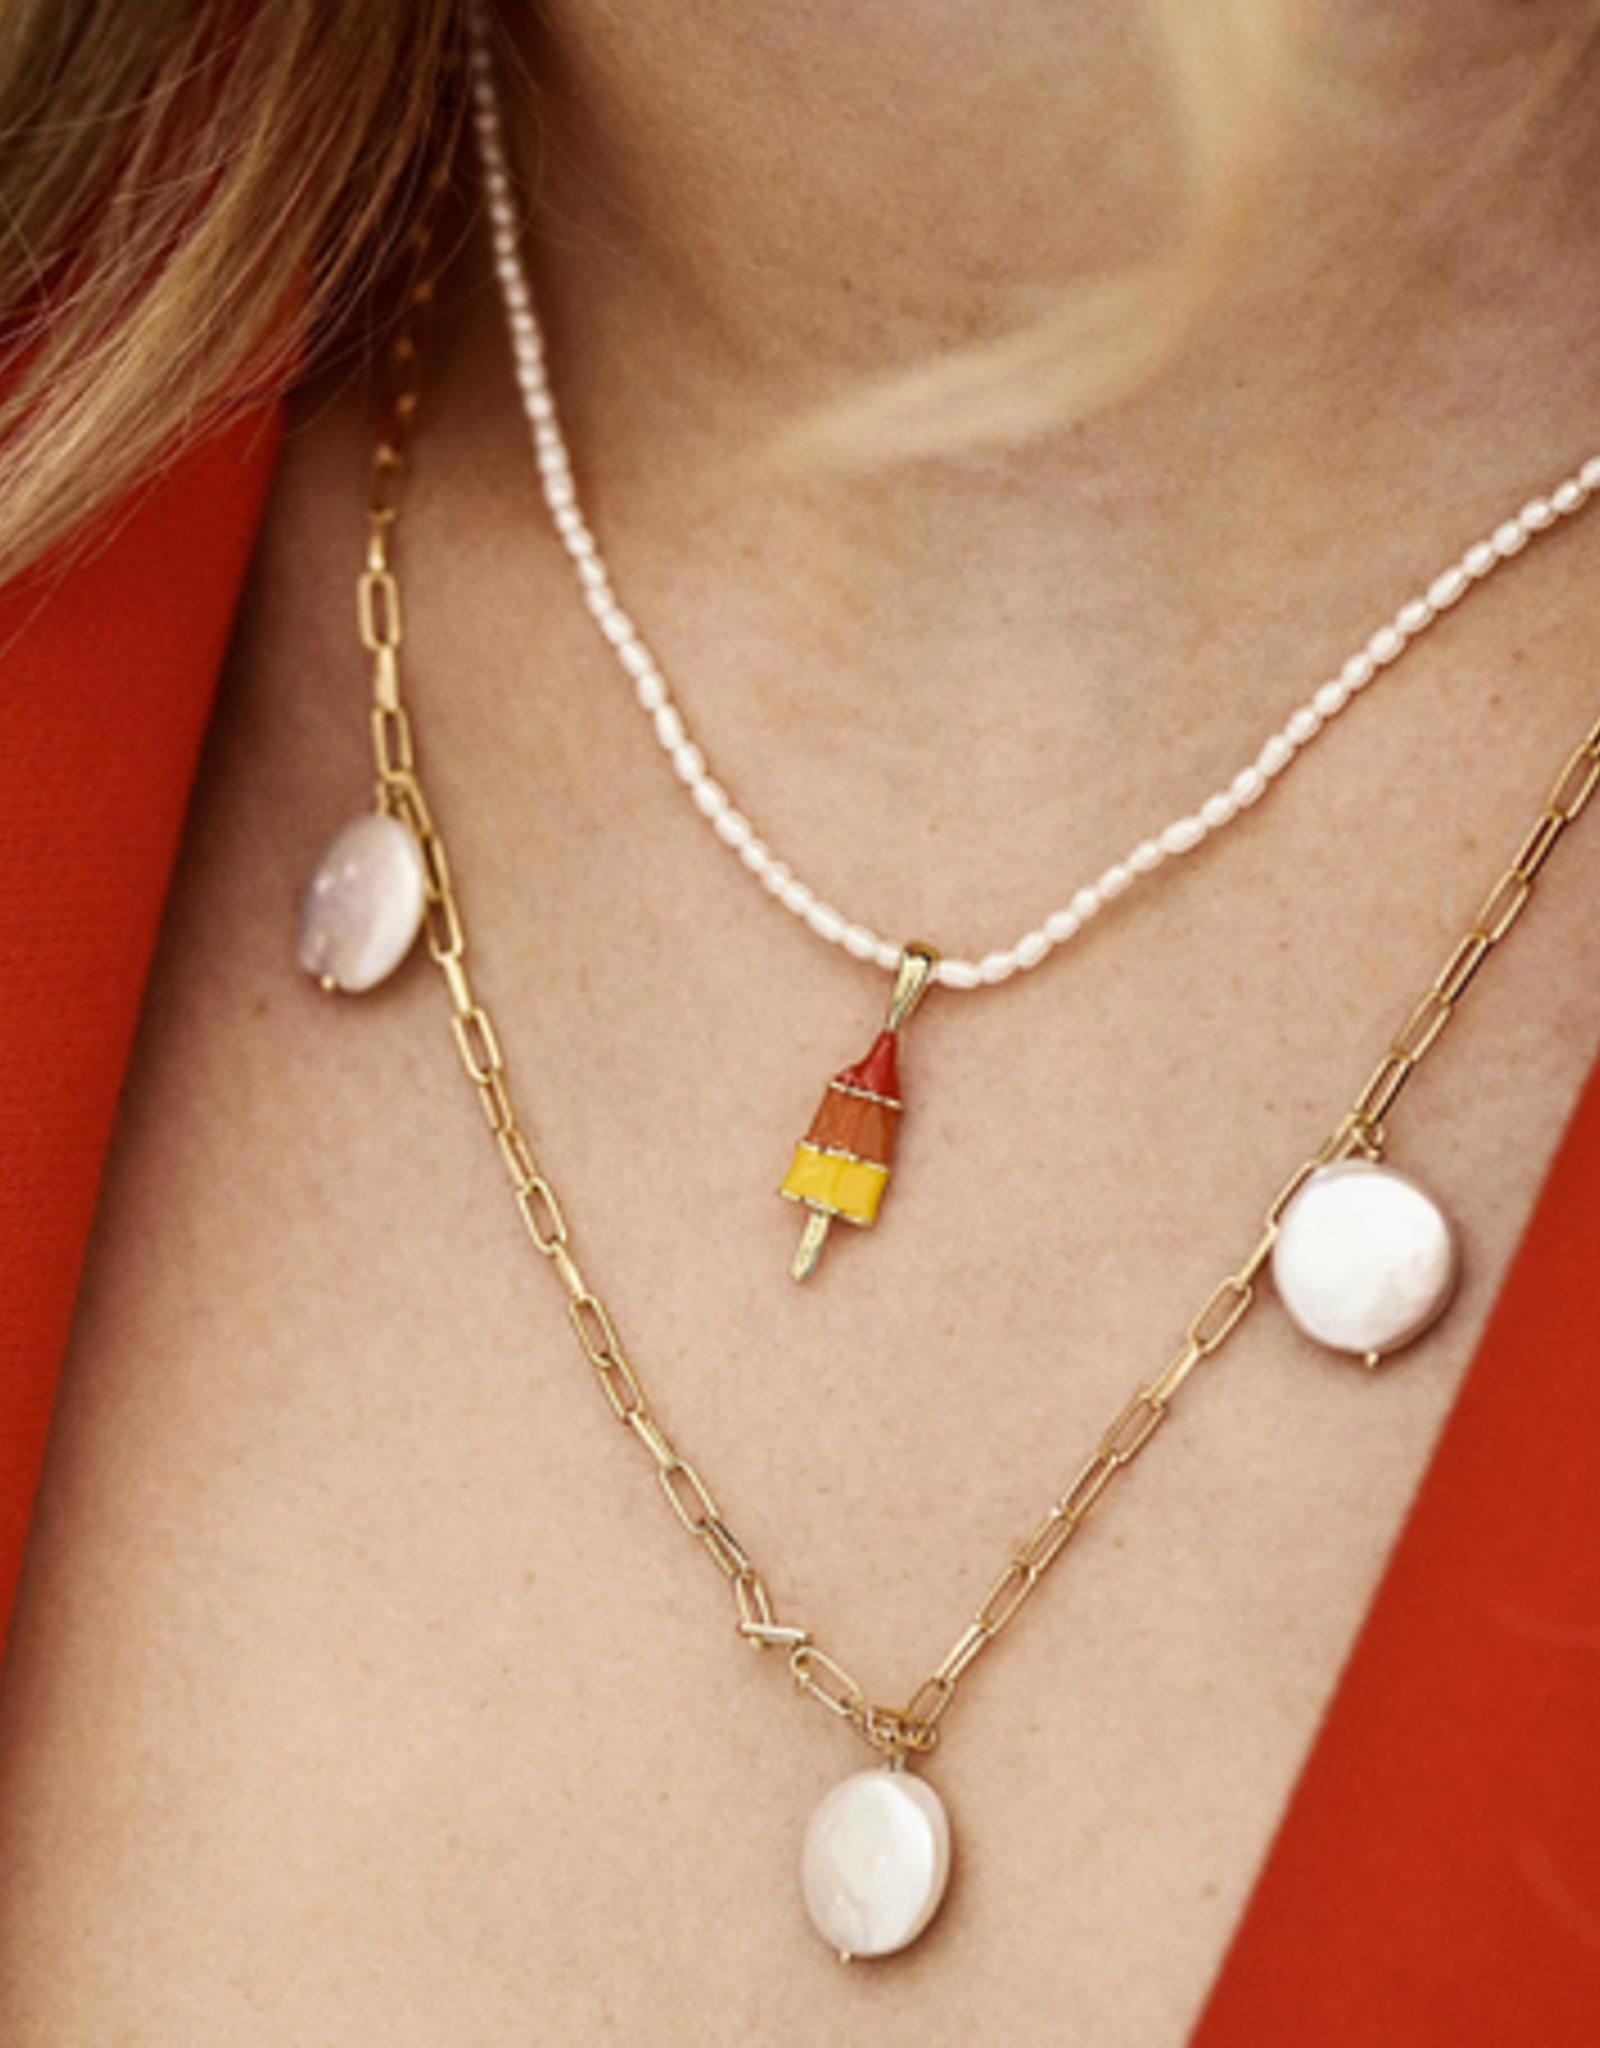 Anna + Nina Rocket Ship Necklace Charm